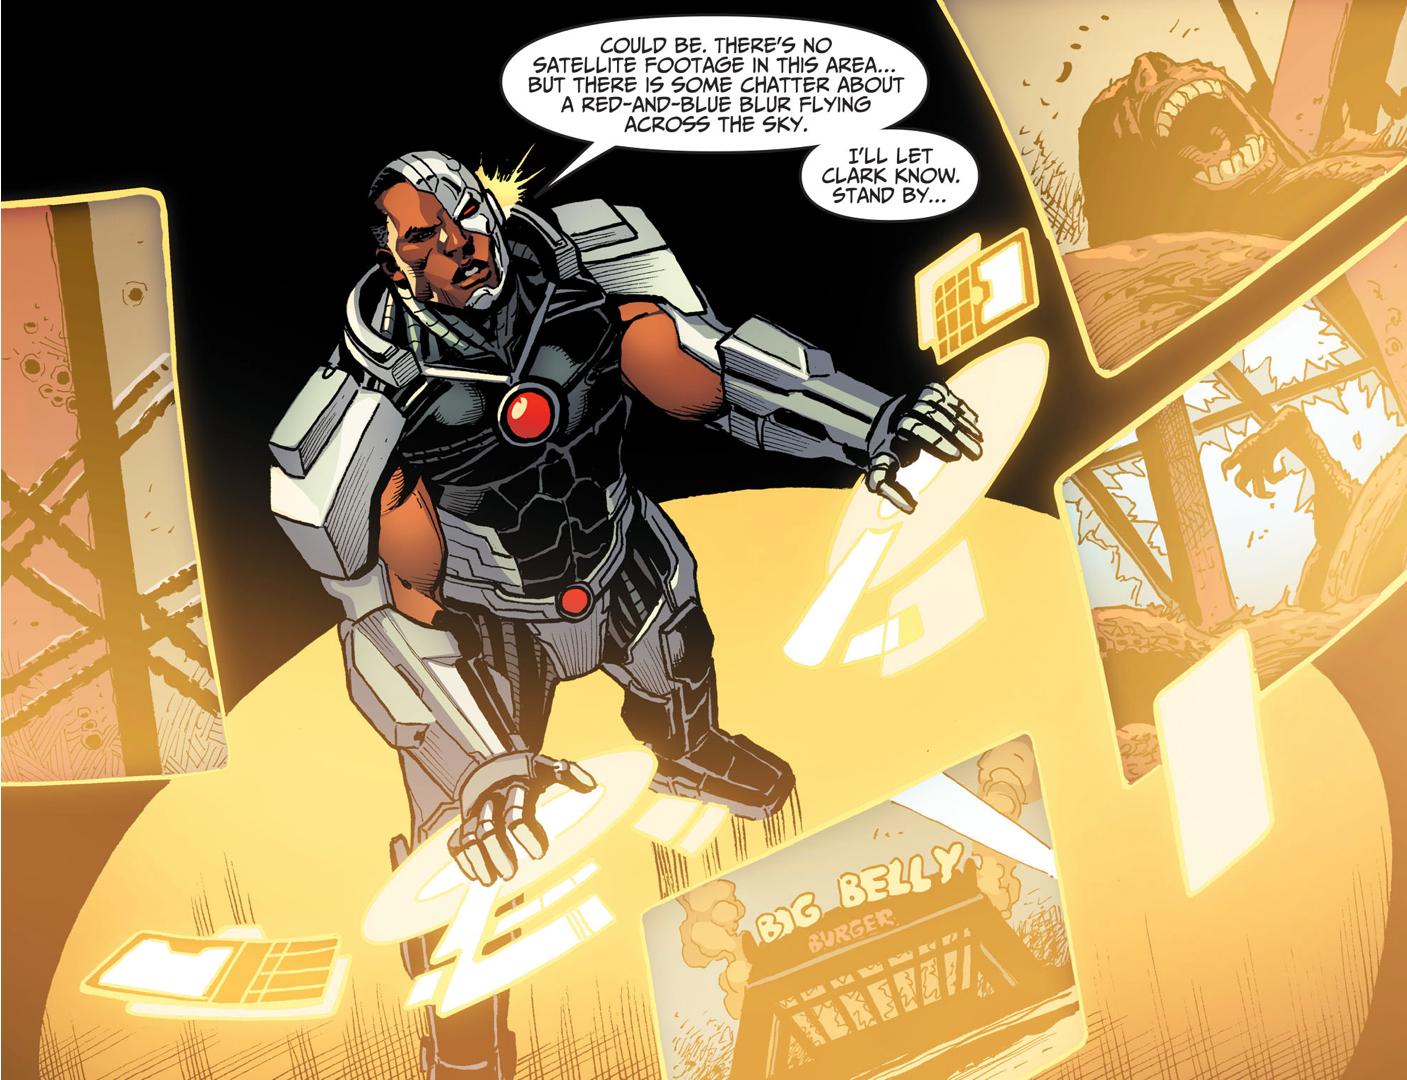 Cyborg (Injustice Gods Among Us)